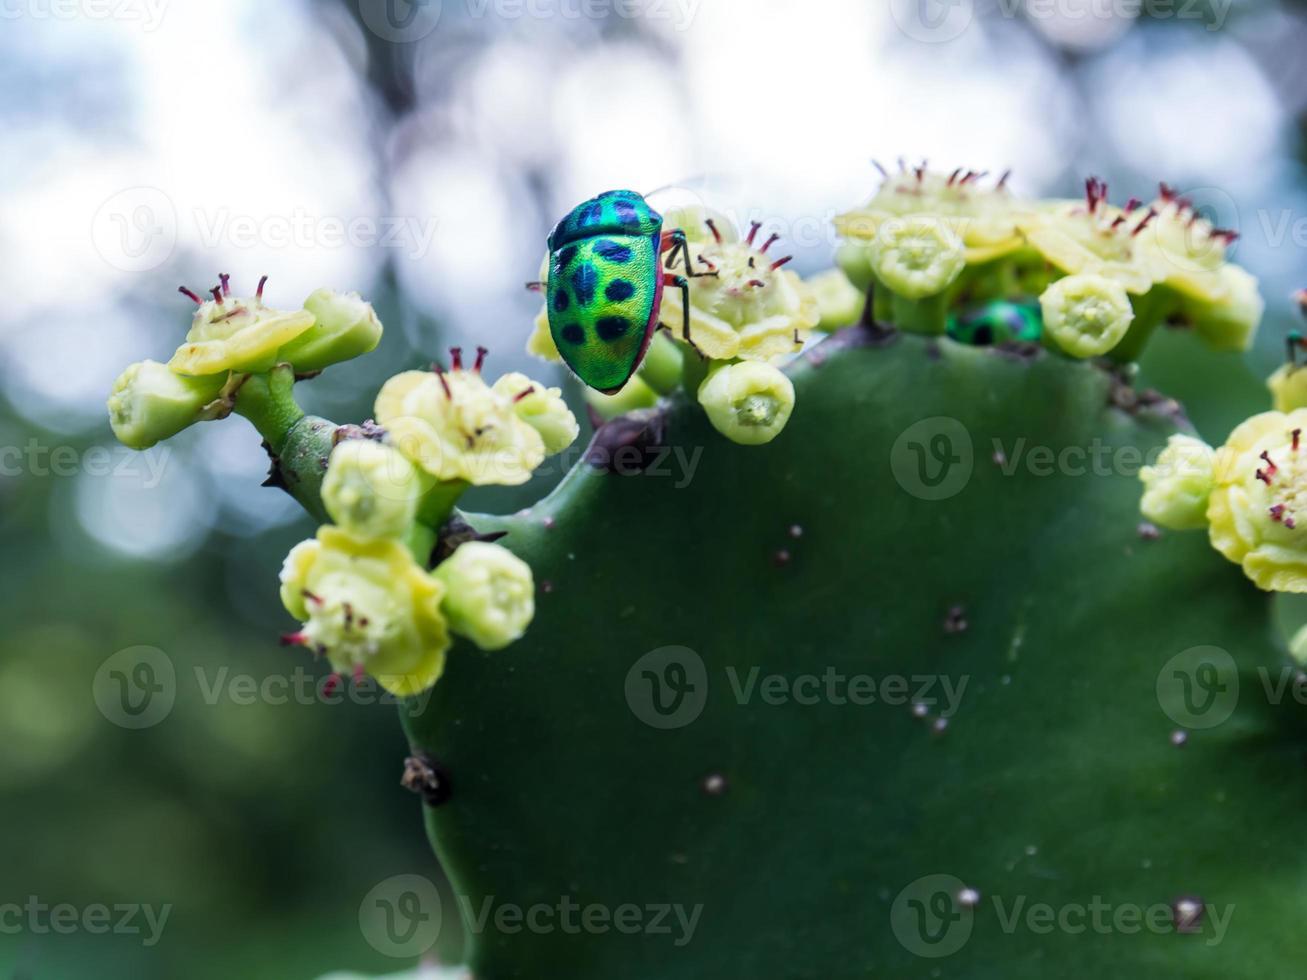 insetto coleottero gioiello sui fiori di fico d'india foto